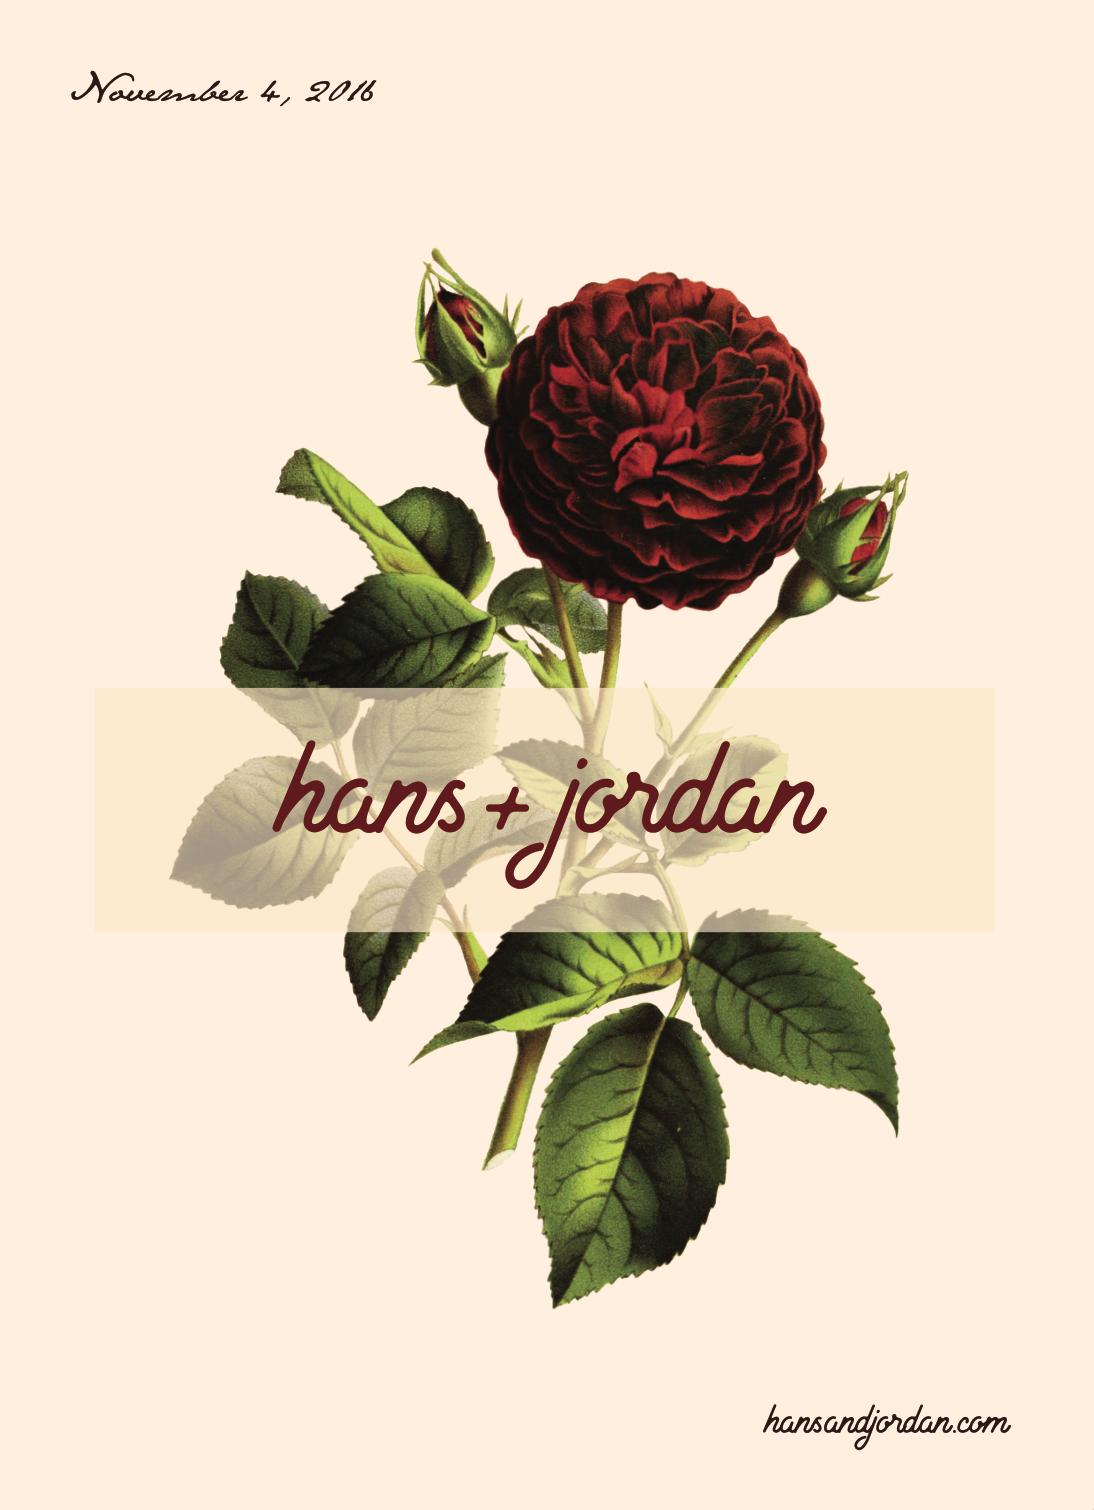 hans + jordan wedding invitation